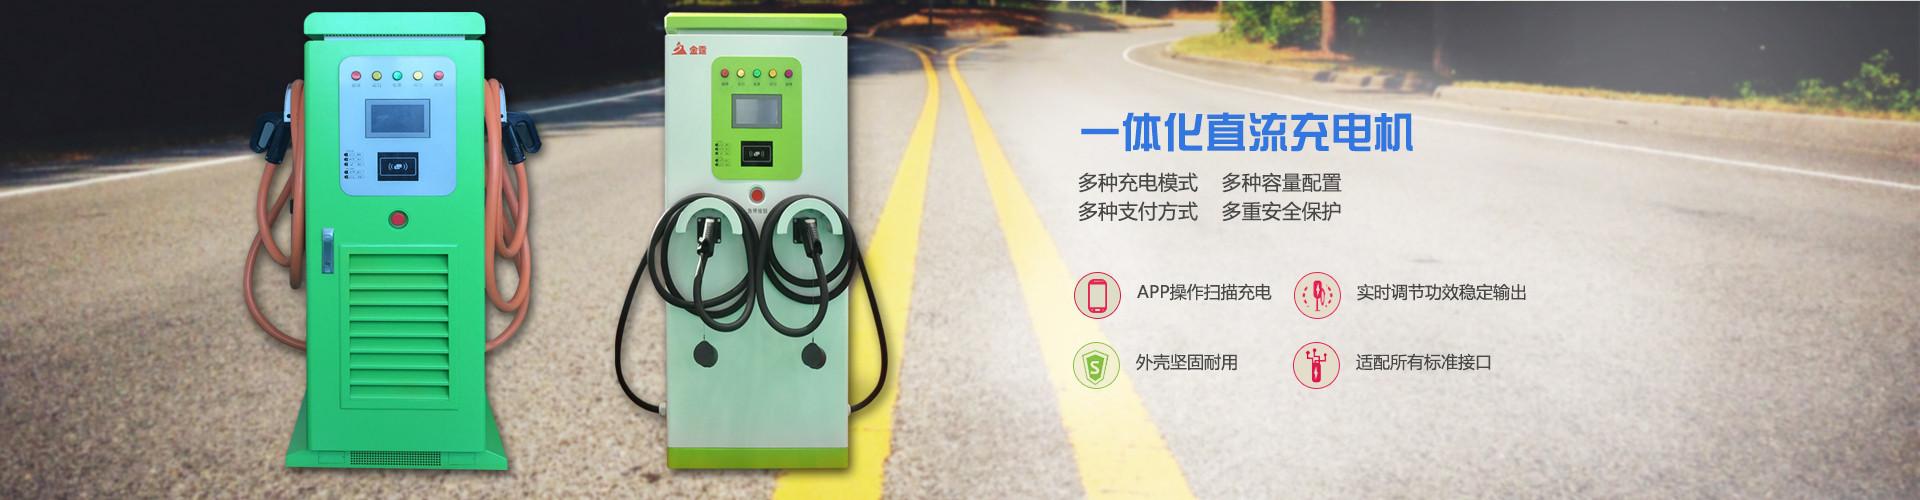 汽车充电车载设备系统